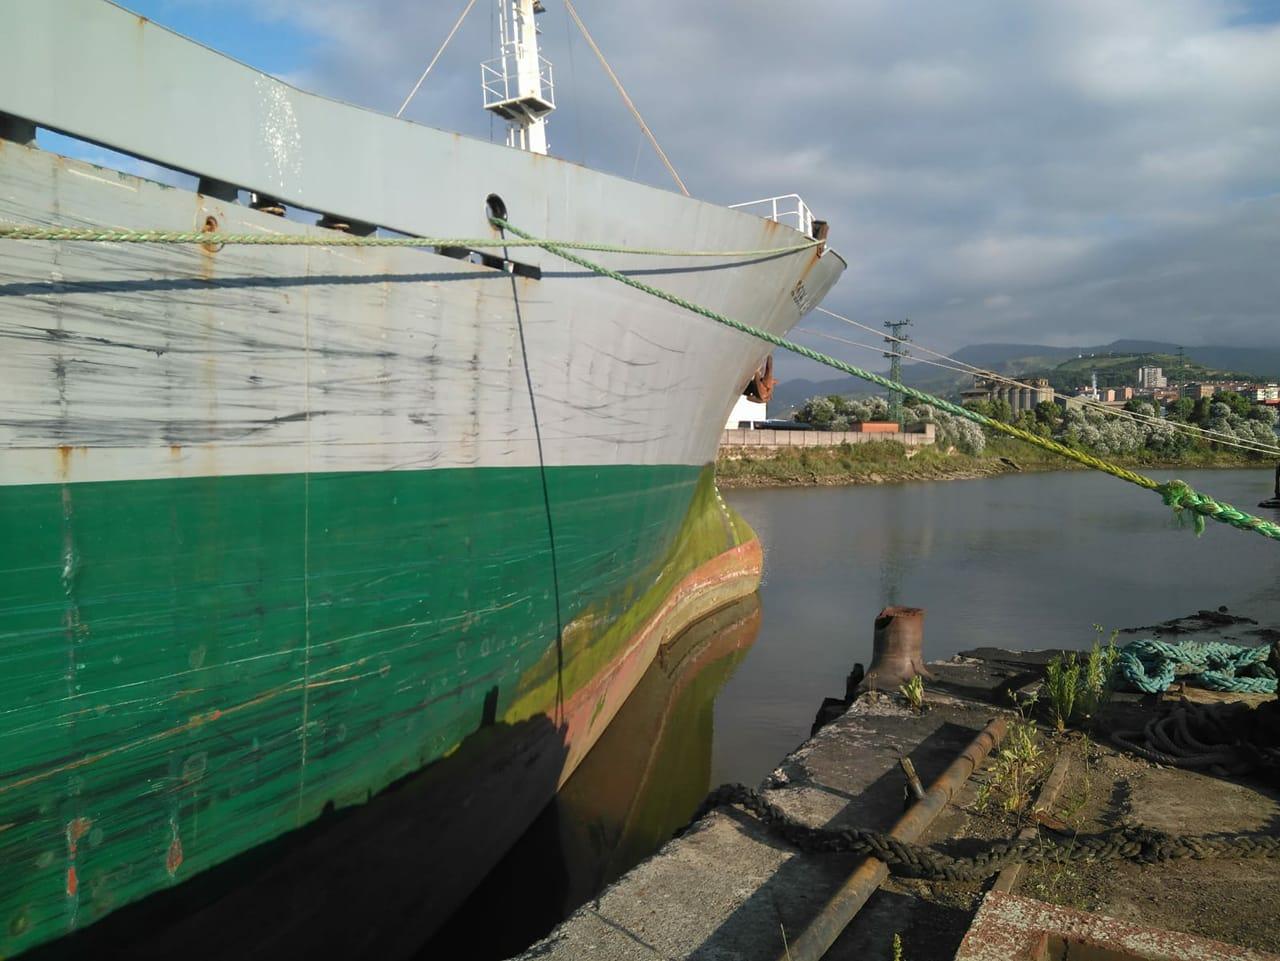 El buque se encuentra atracado en el antiguo Astilleros del Cadagua, donde se procederá a su desguace